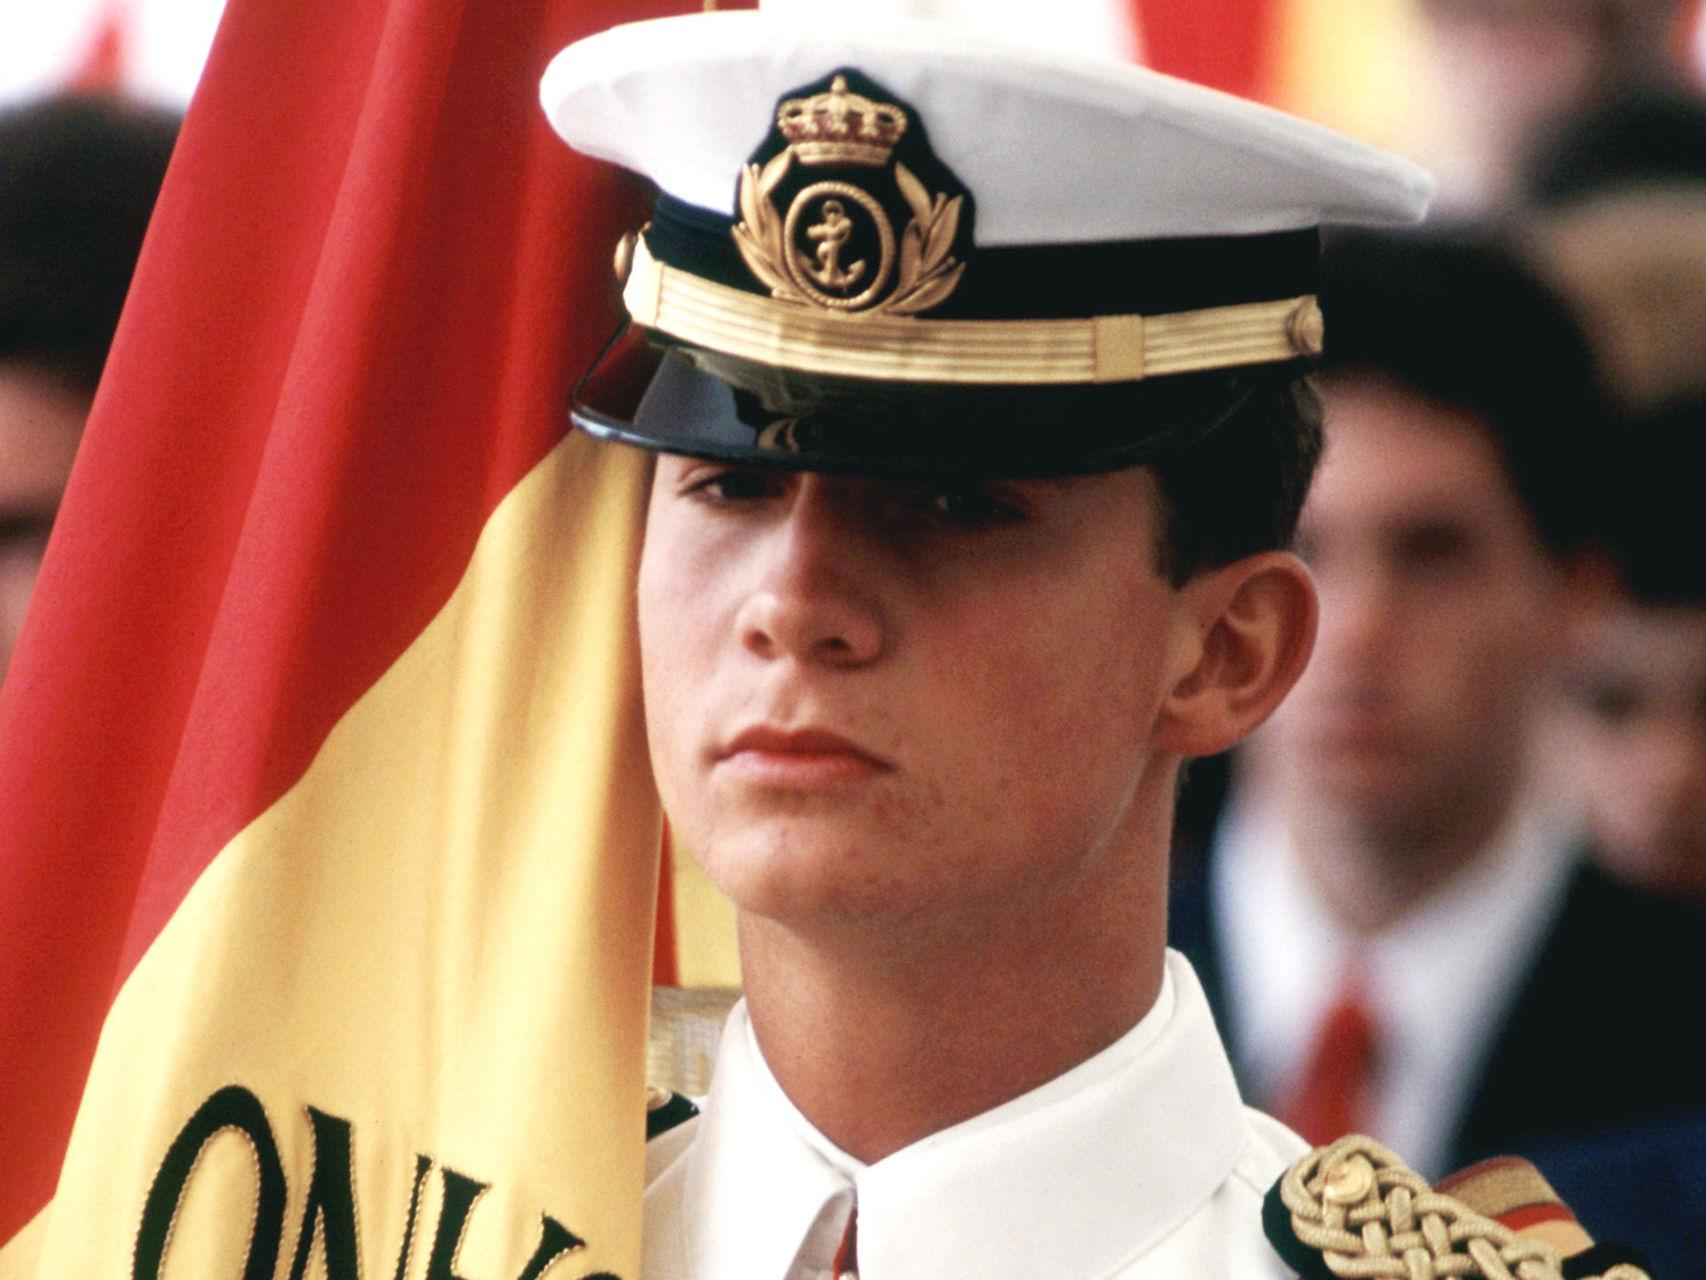 El entonces príncipe con uniforme de cadete y la bandera del buque Juan Sebastián Elcano durante un acto oficial.